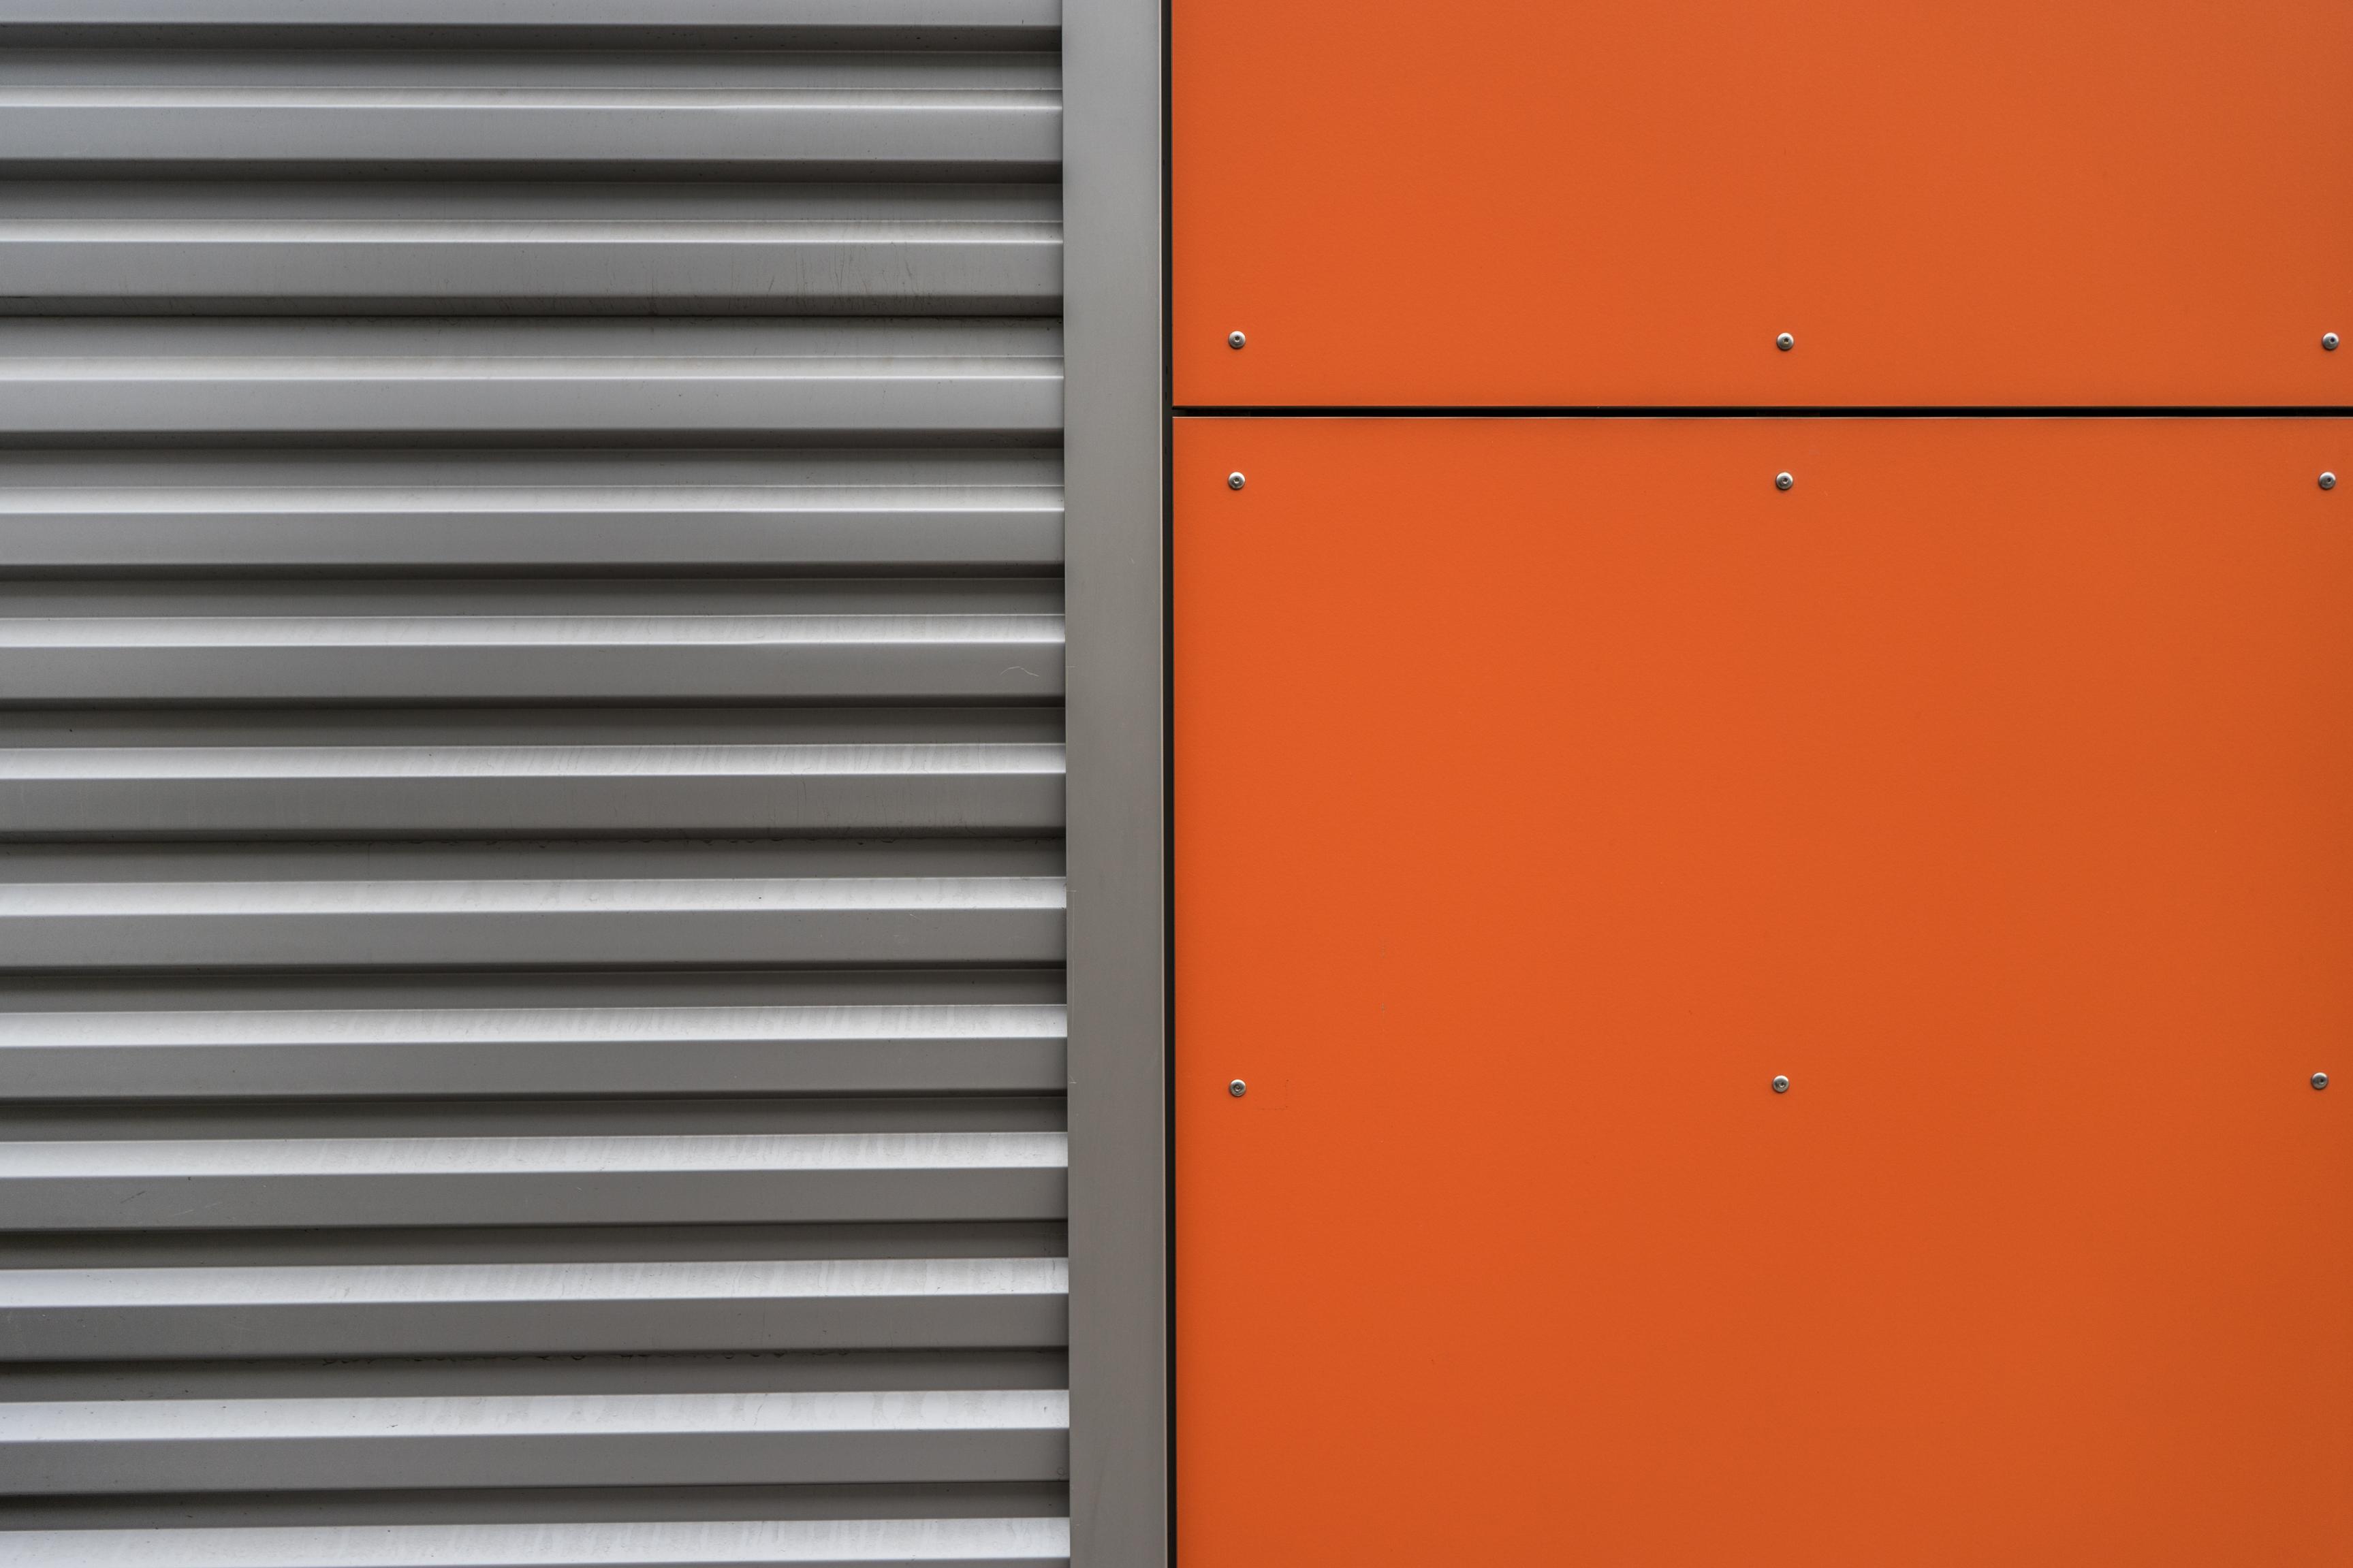 modern door texture. Architecture Wall Wood Modern Metal Texture Sony Door Interior Design Color Material Floor Line Sonya7m2